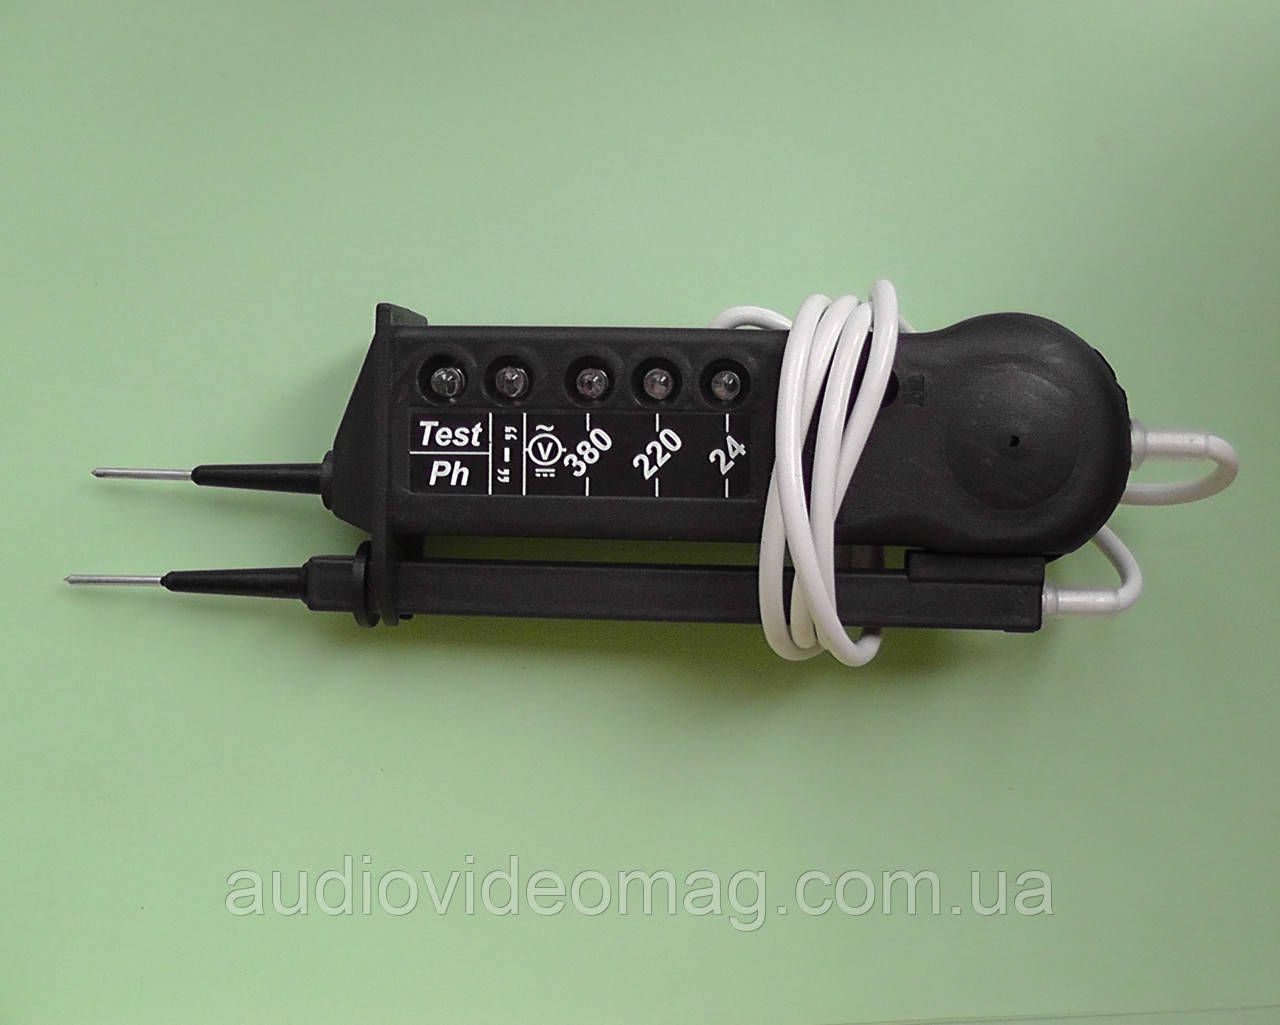 Тестер-прозвонка, указатель напряжения 24-380V, свето-звуковой